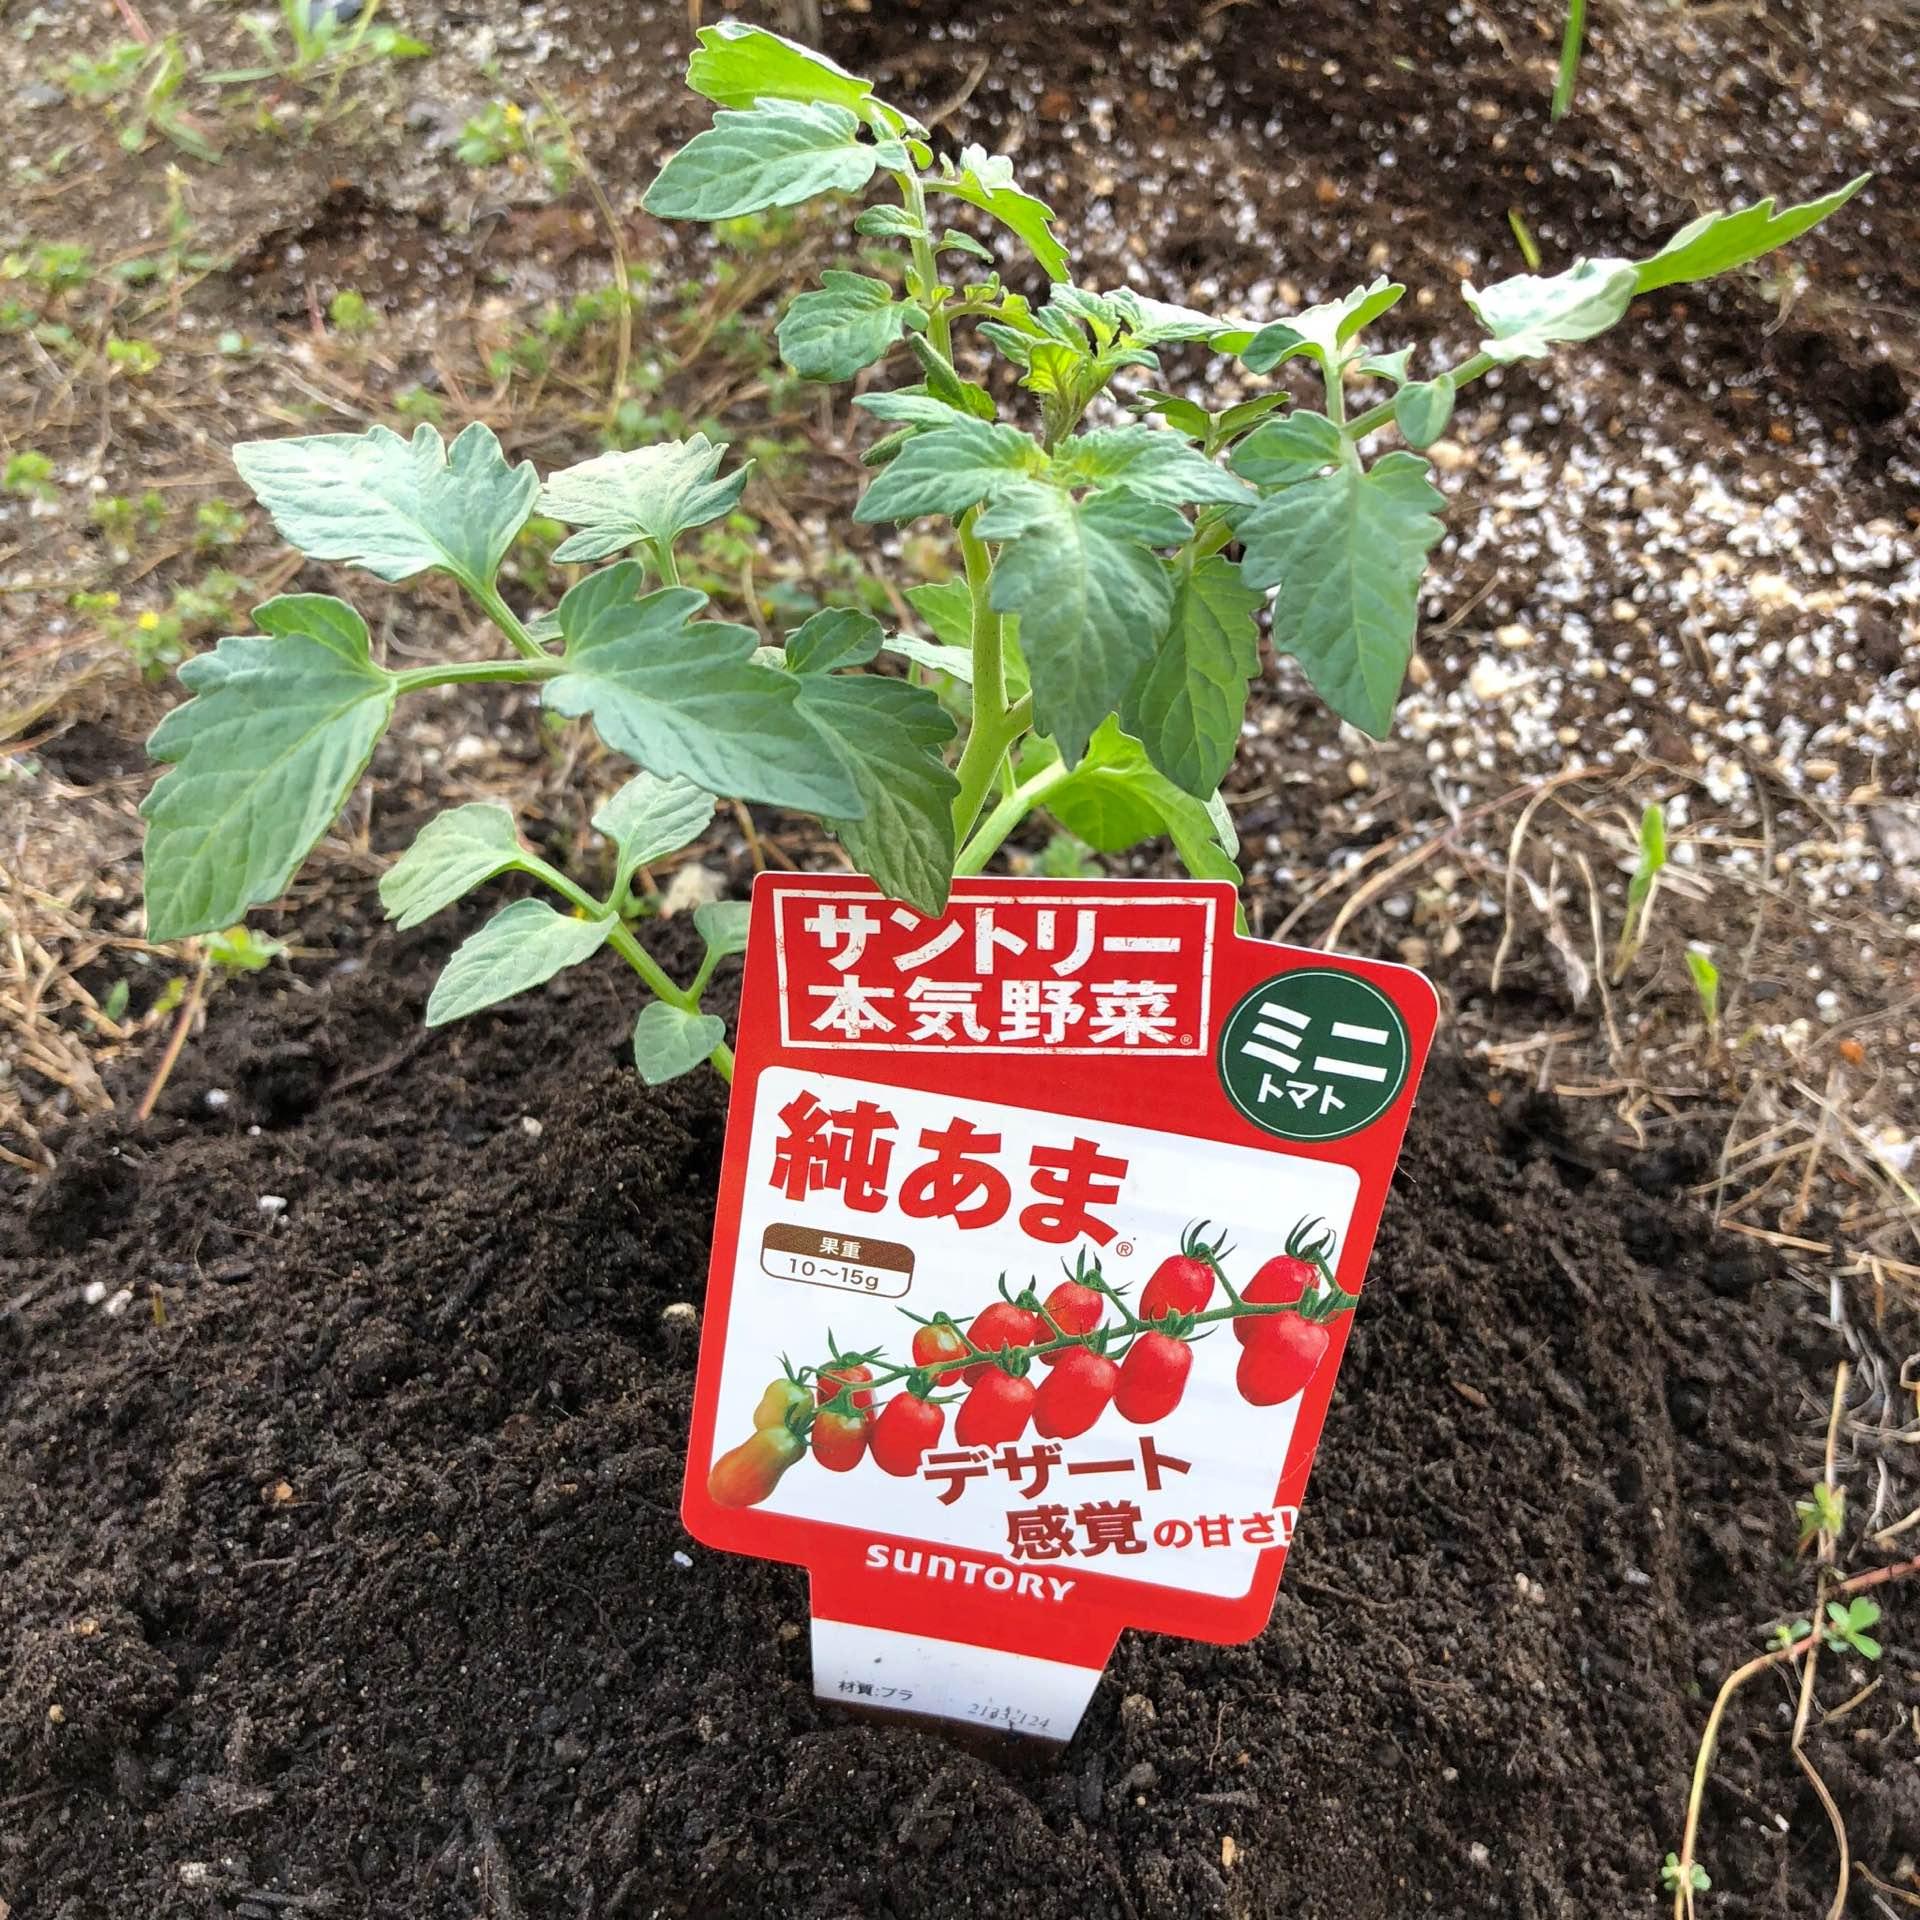 サントリー本気野菜ミニトマト純あまの苗を植えた。 https://t.co/upyiOnblDK